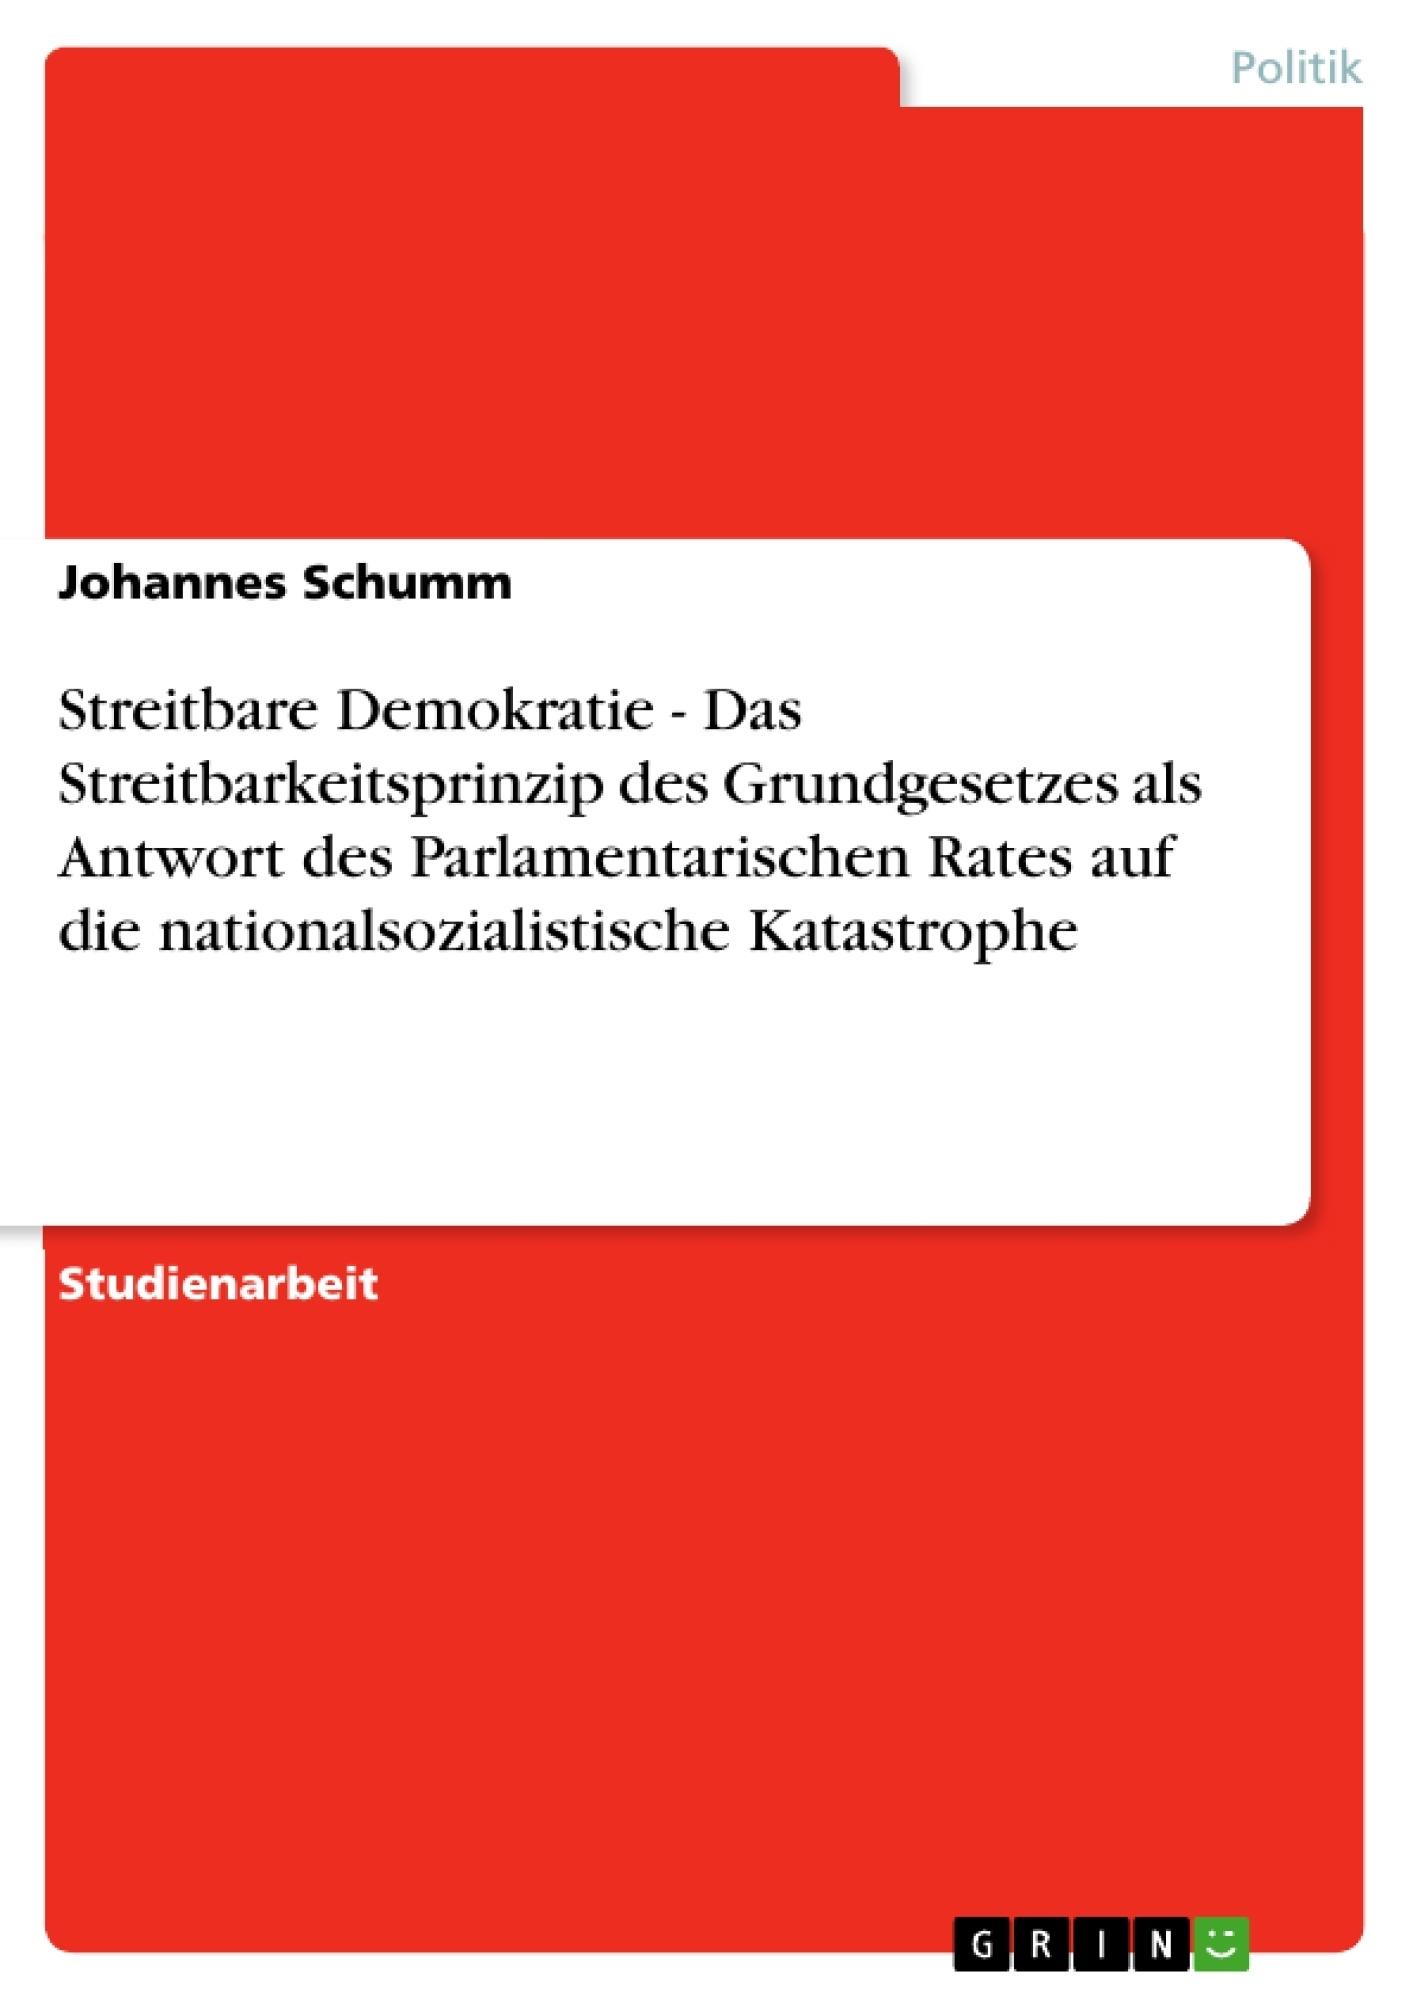 Titel: Streitbare Demokratie  -  Das Streitbarkeitsprinzip des Grundgesetzes als Antwort des Parlamentarischen Rates auf die nationalsozialistische Katastrophe